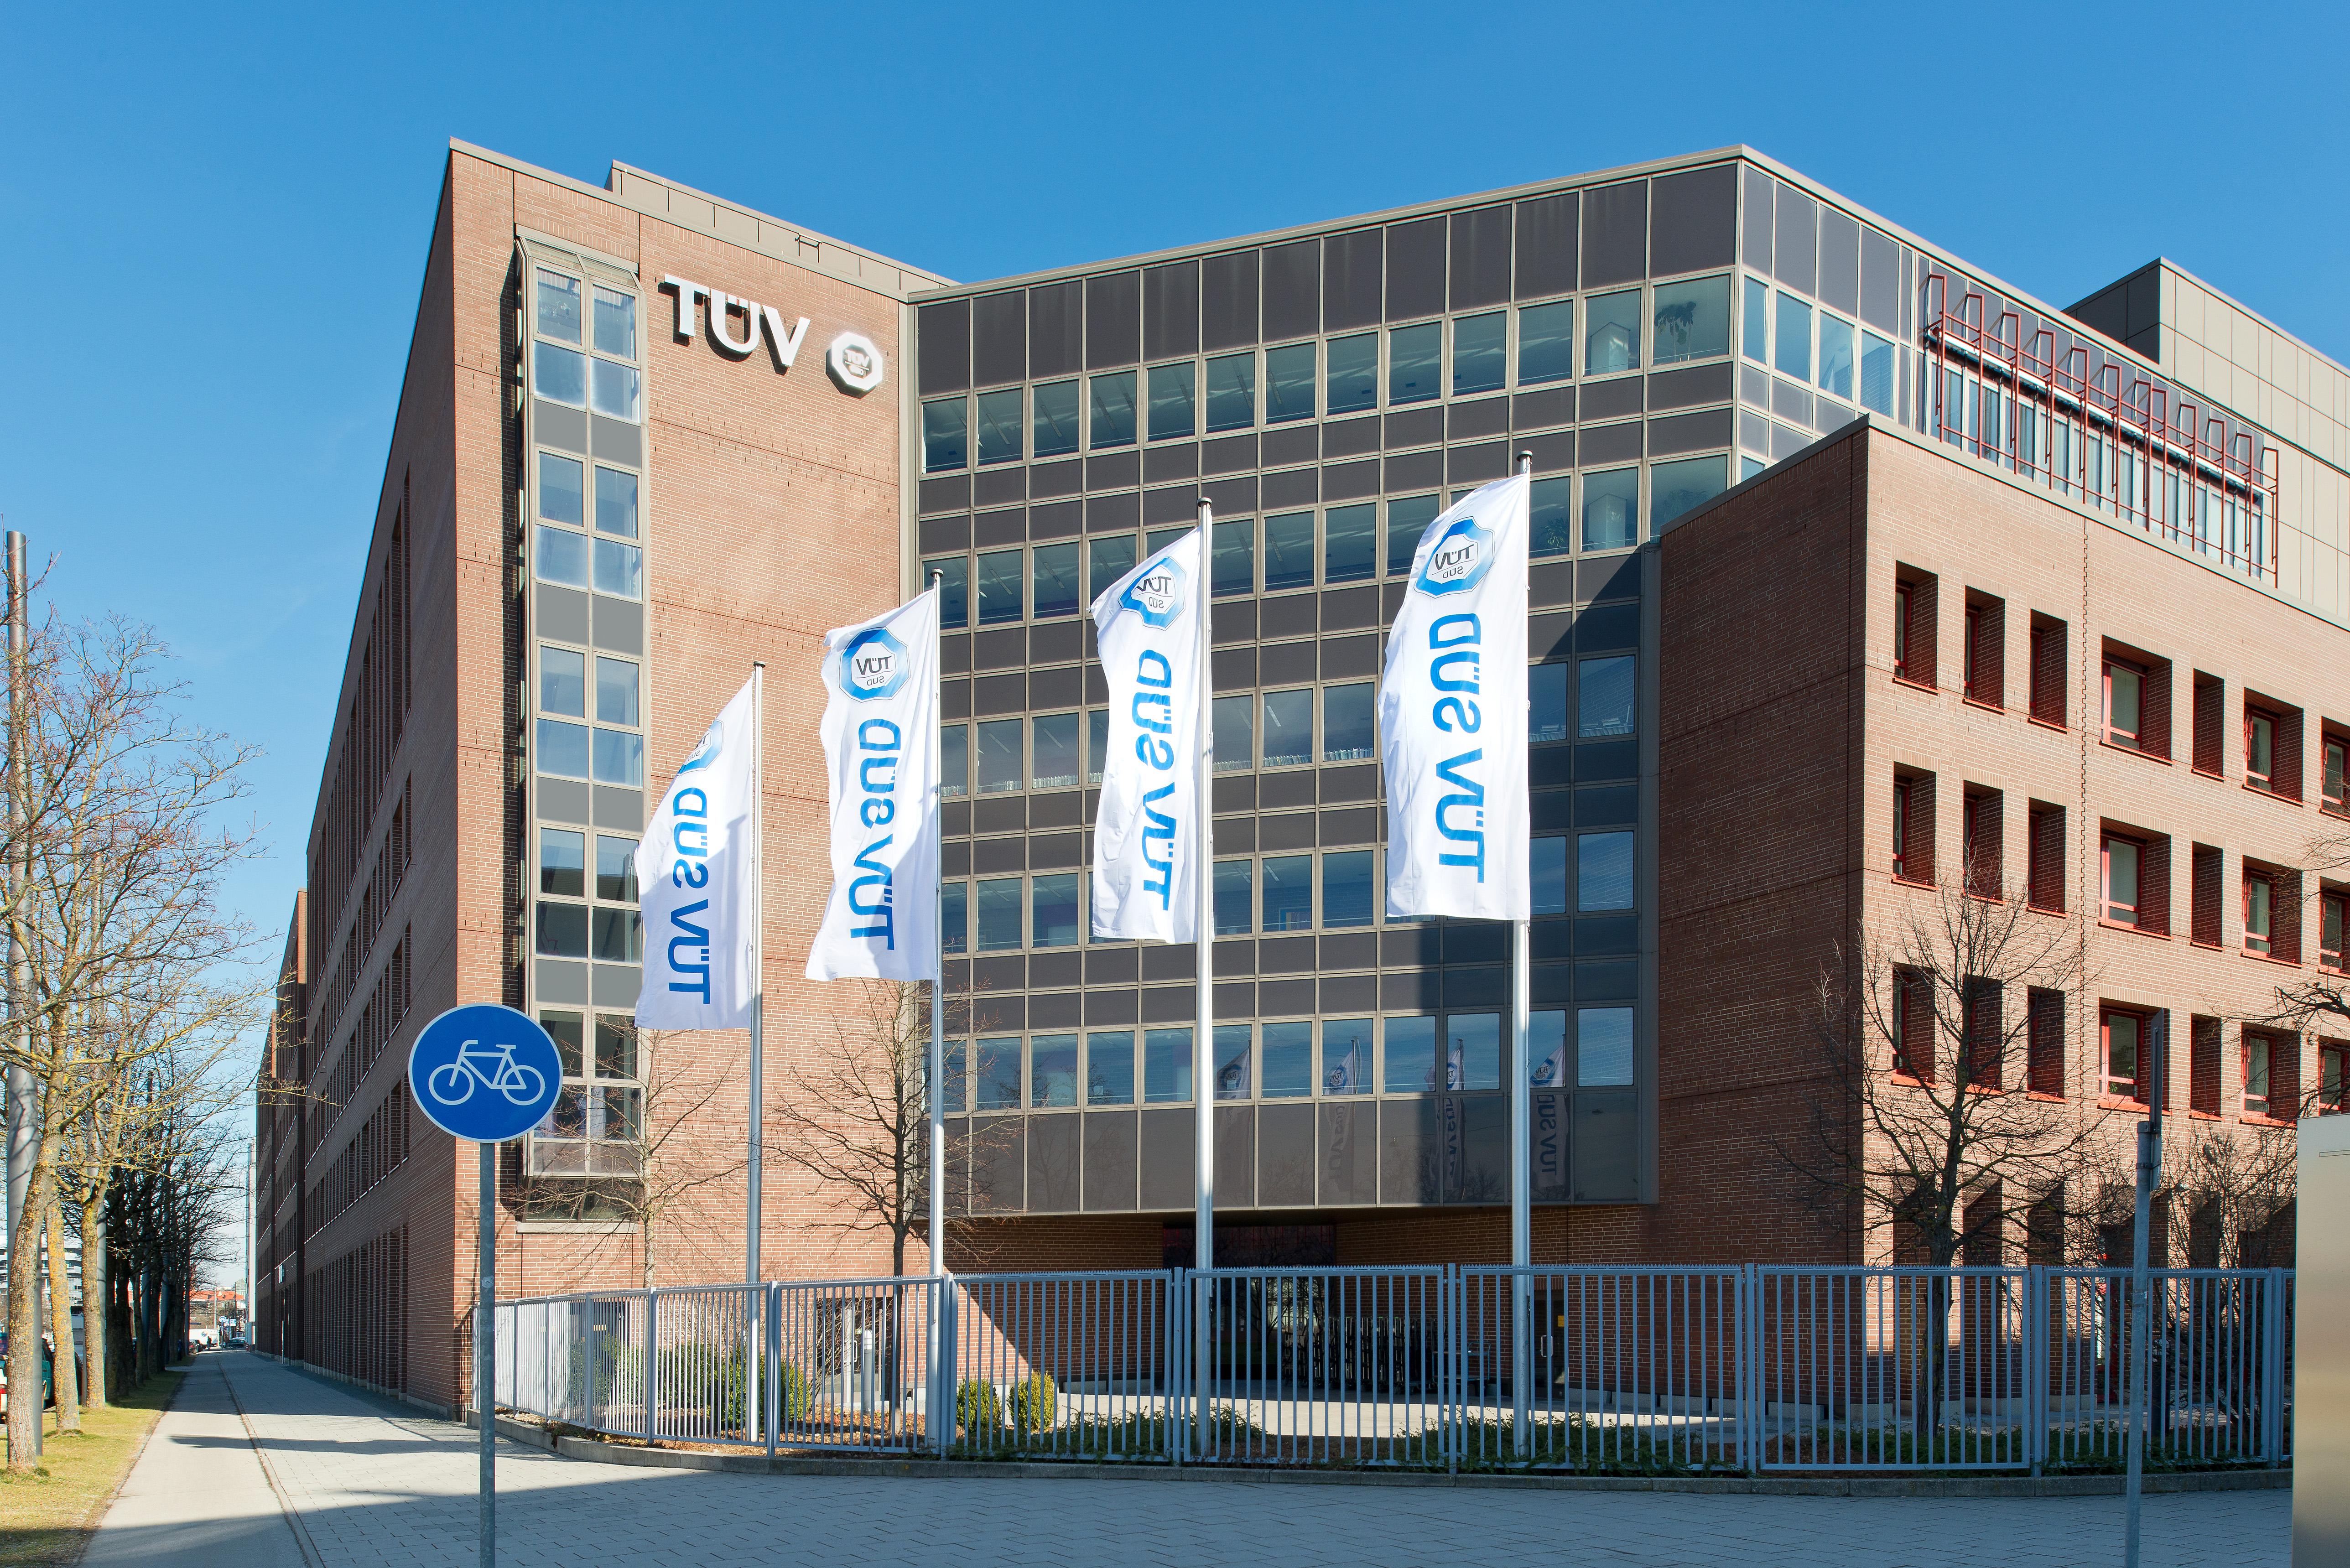 Headquarter of TÜV SÜD in Munich, Germany. Image via TÜV SÜD.